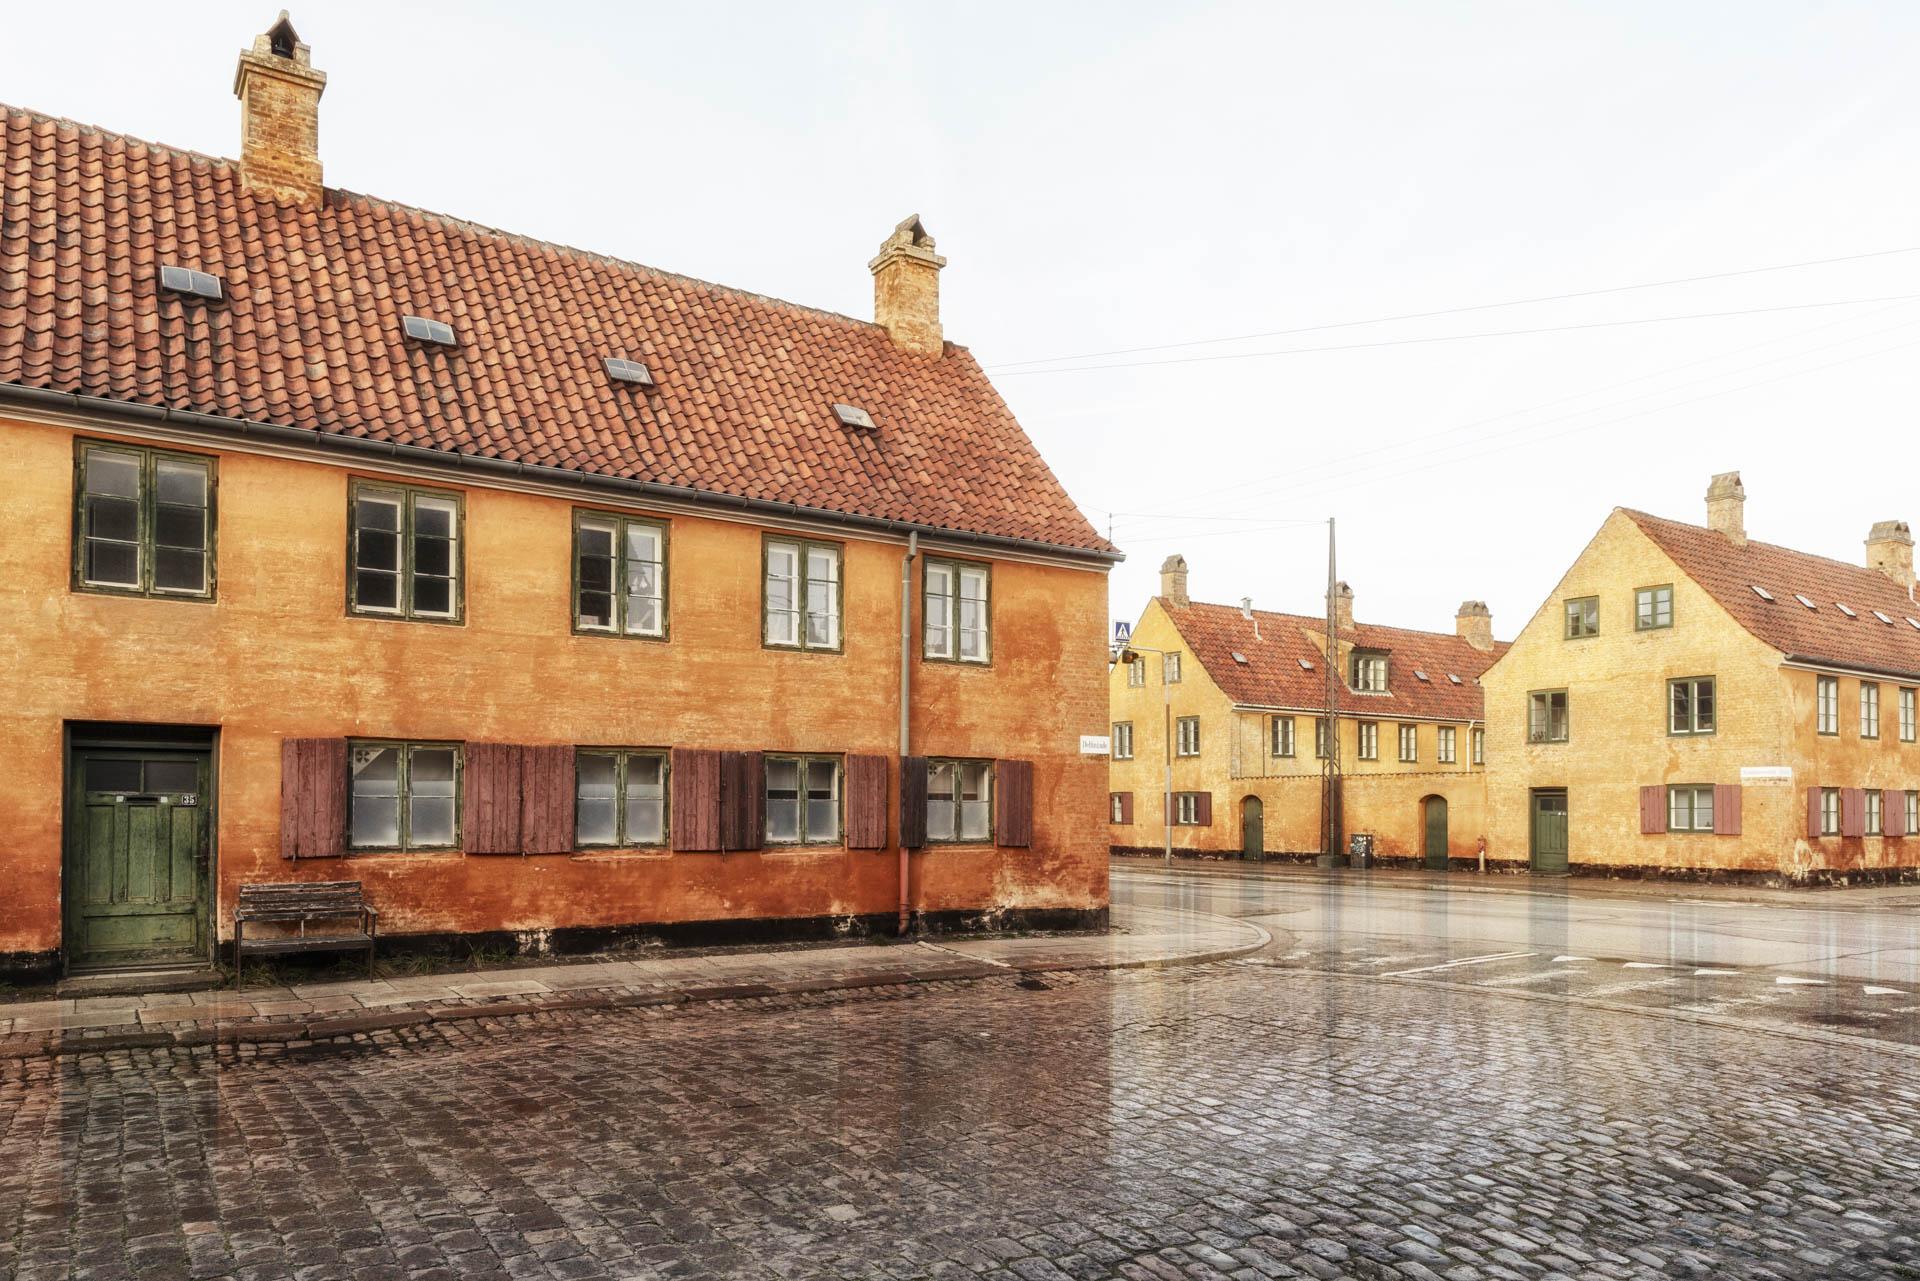 Copenhague2019-Still-16.jpg